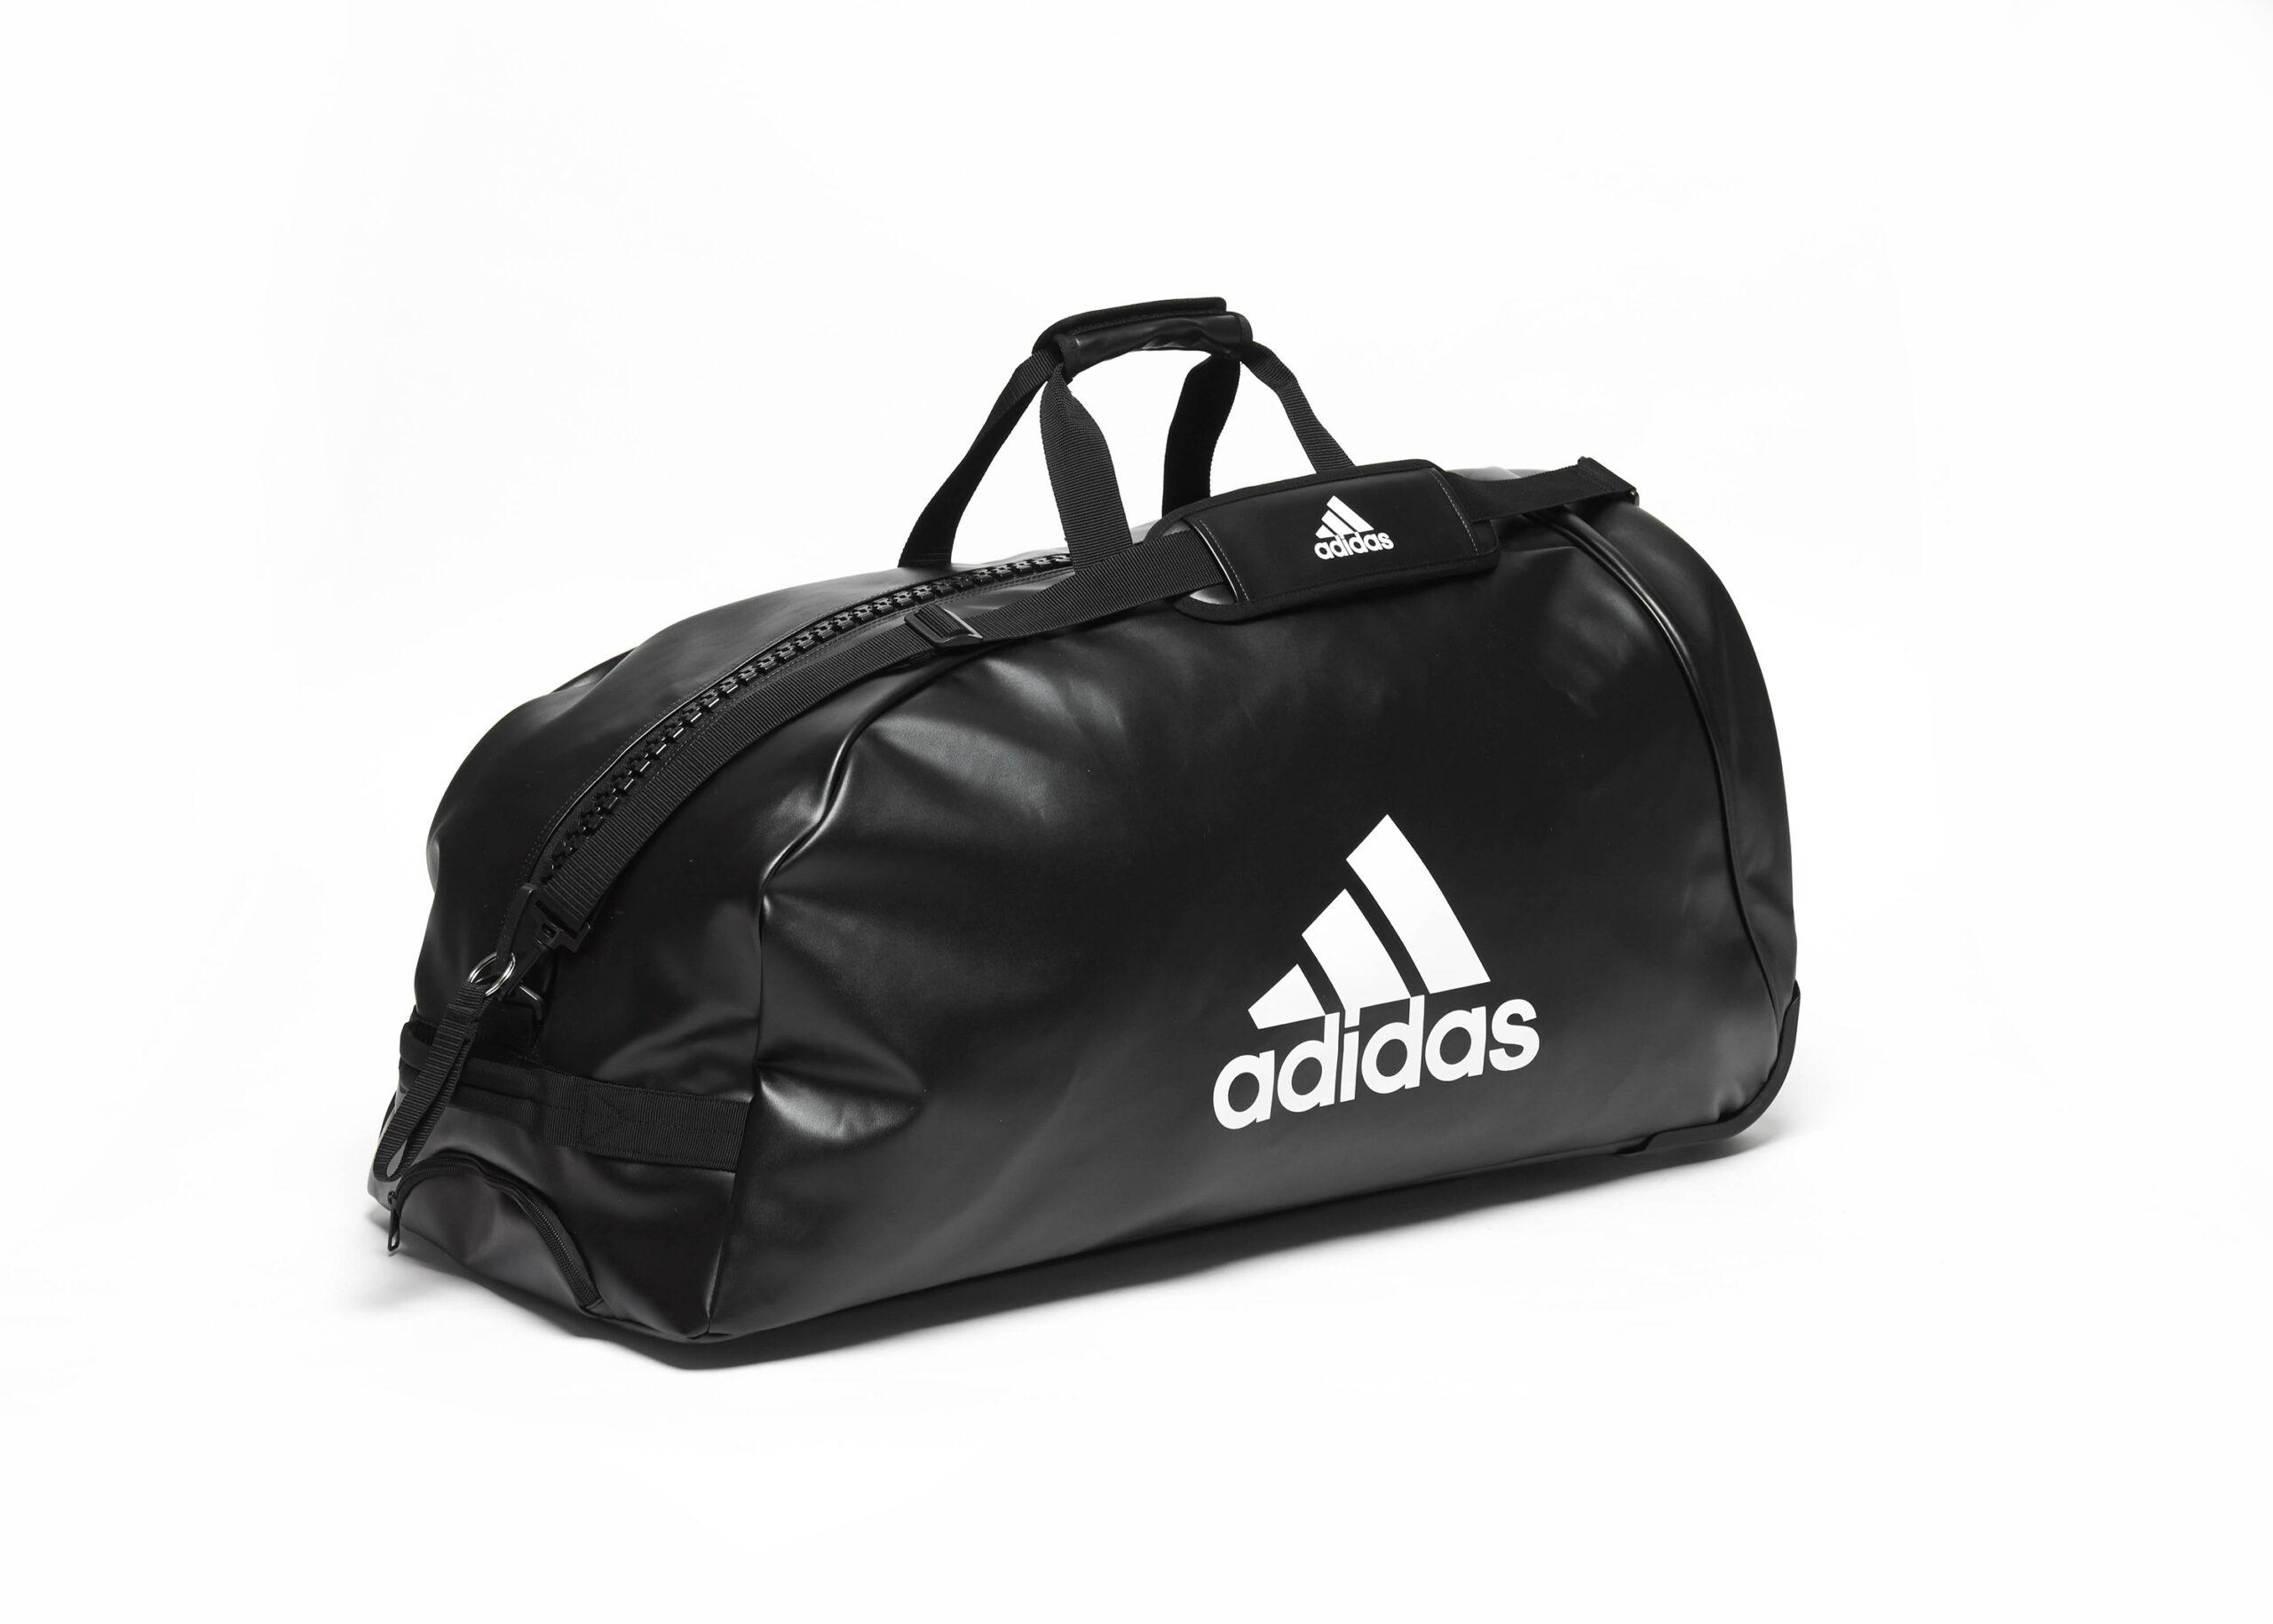 Adidas sporttas-trolley 120 liter | zwart-wit